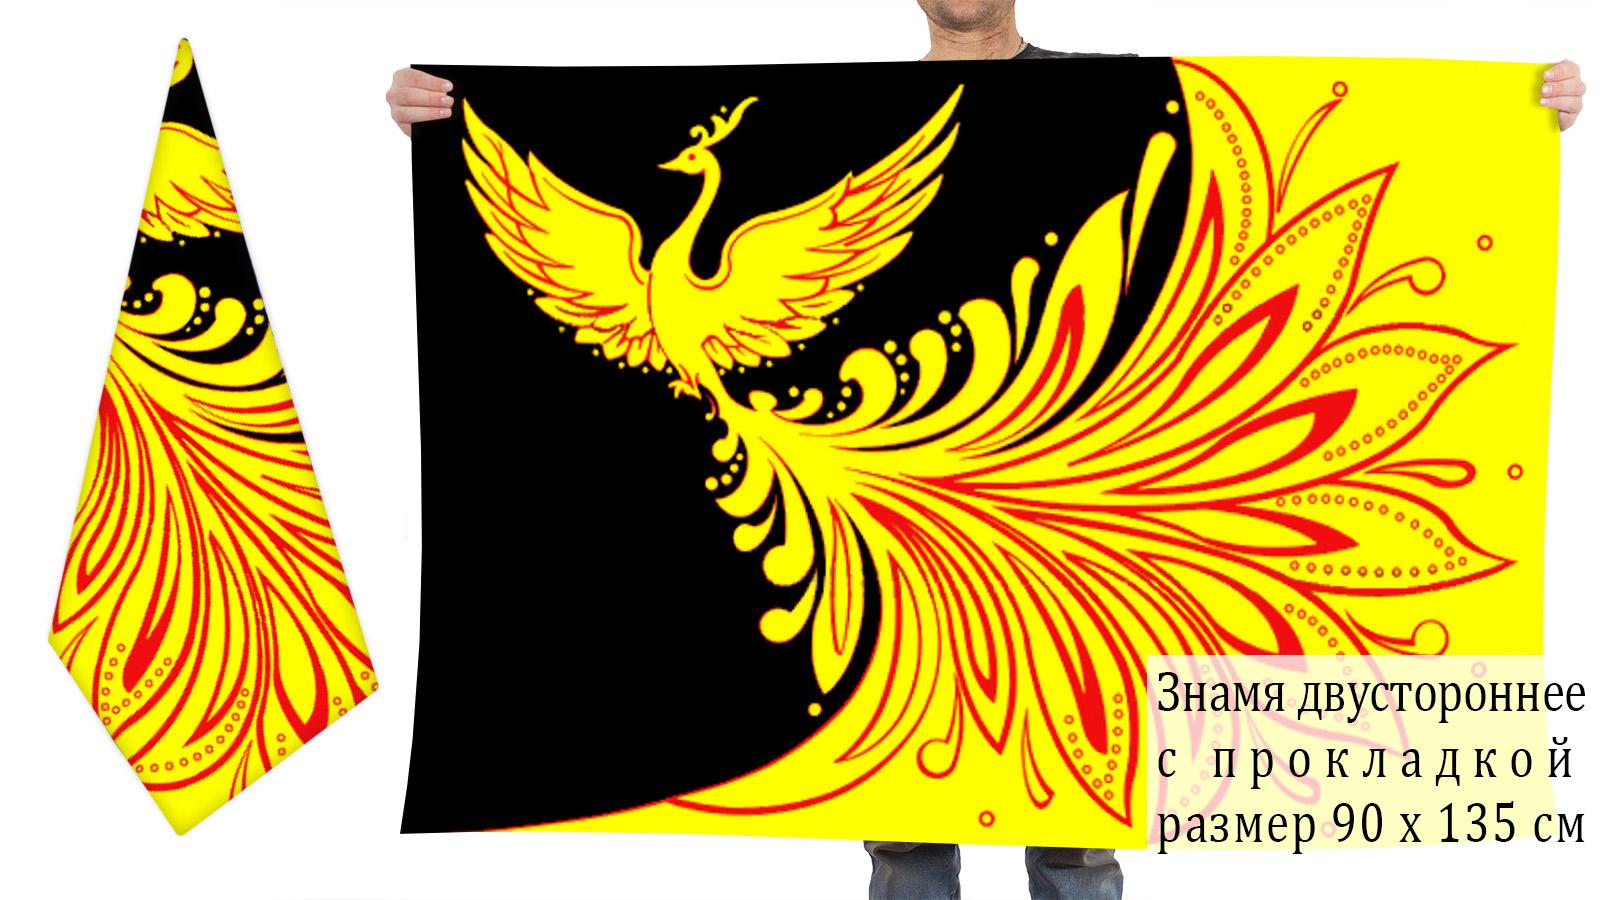 Двусторонний флаг Палехского района